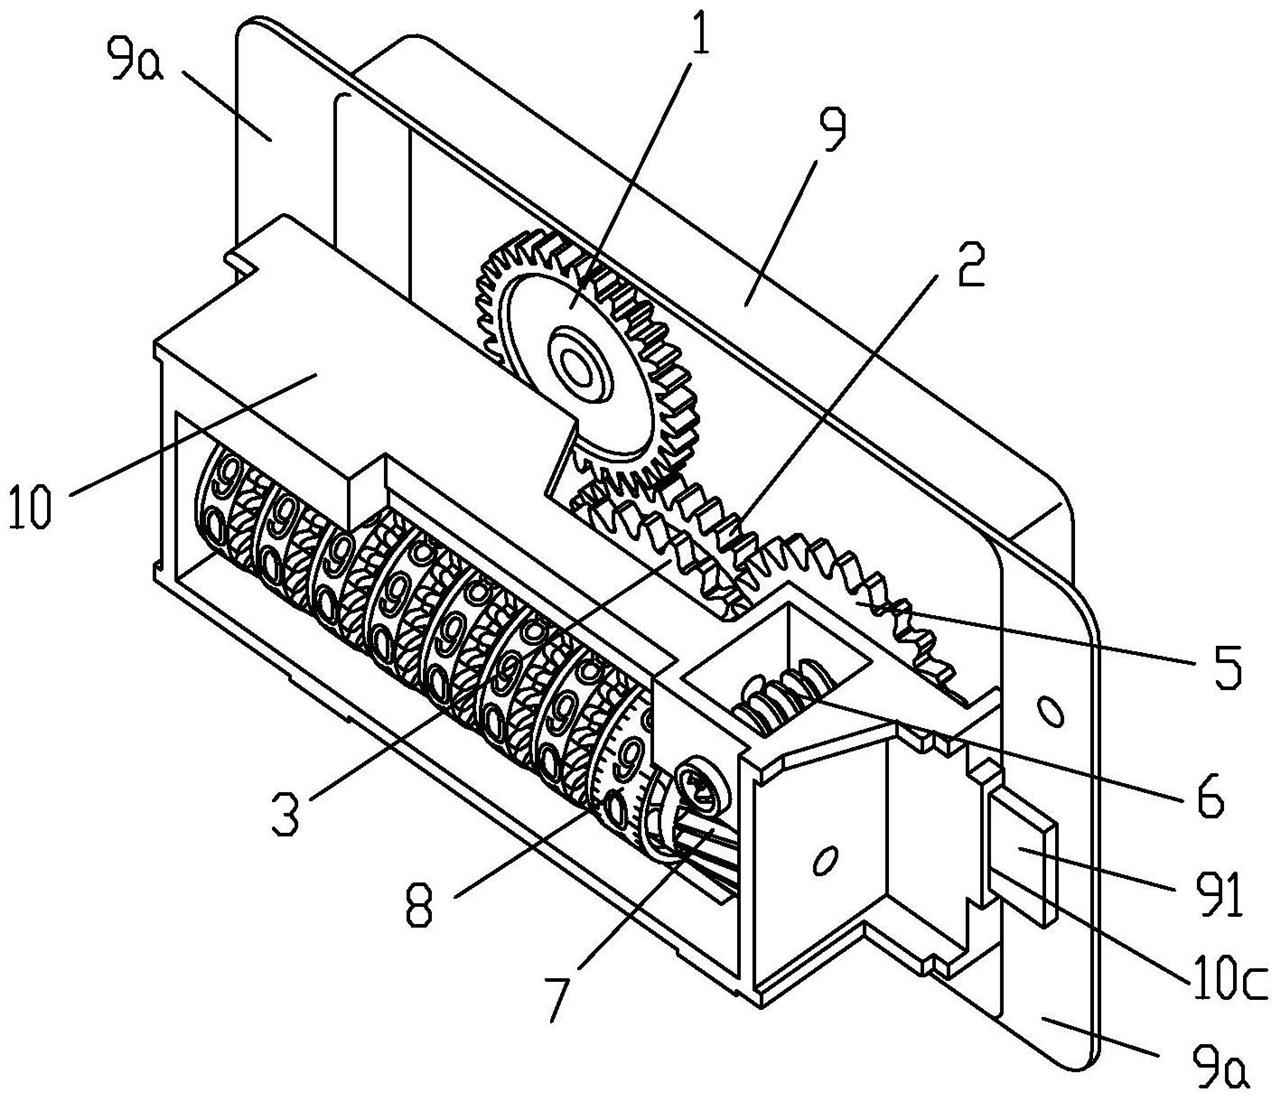 【仪表最新专利】计数准确且具有防拆结构的燃气表